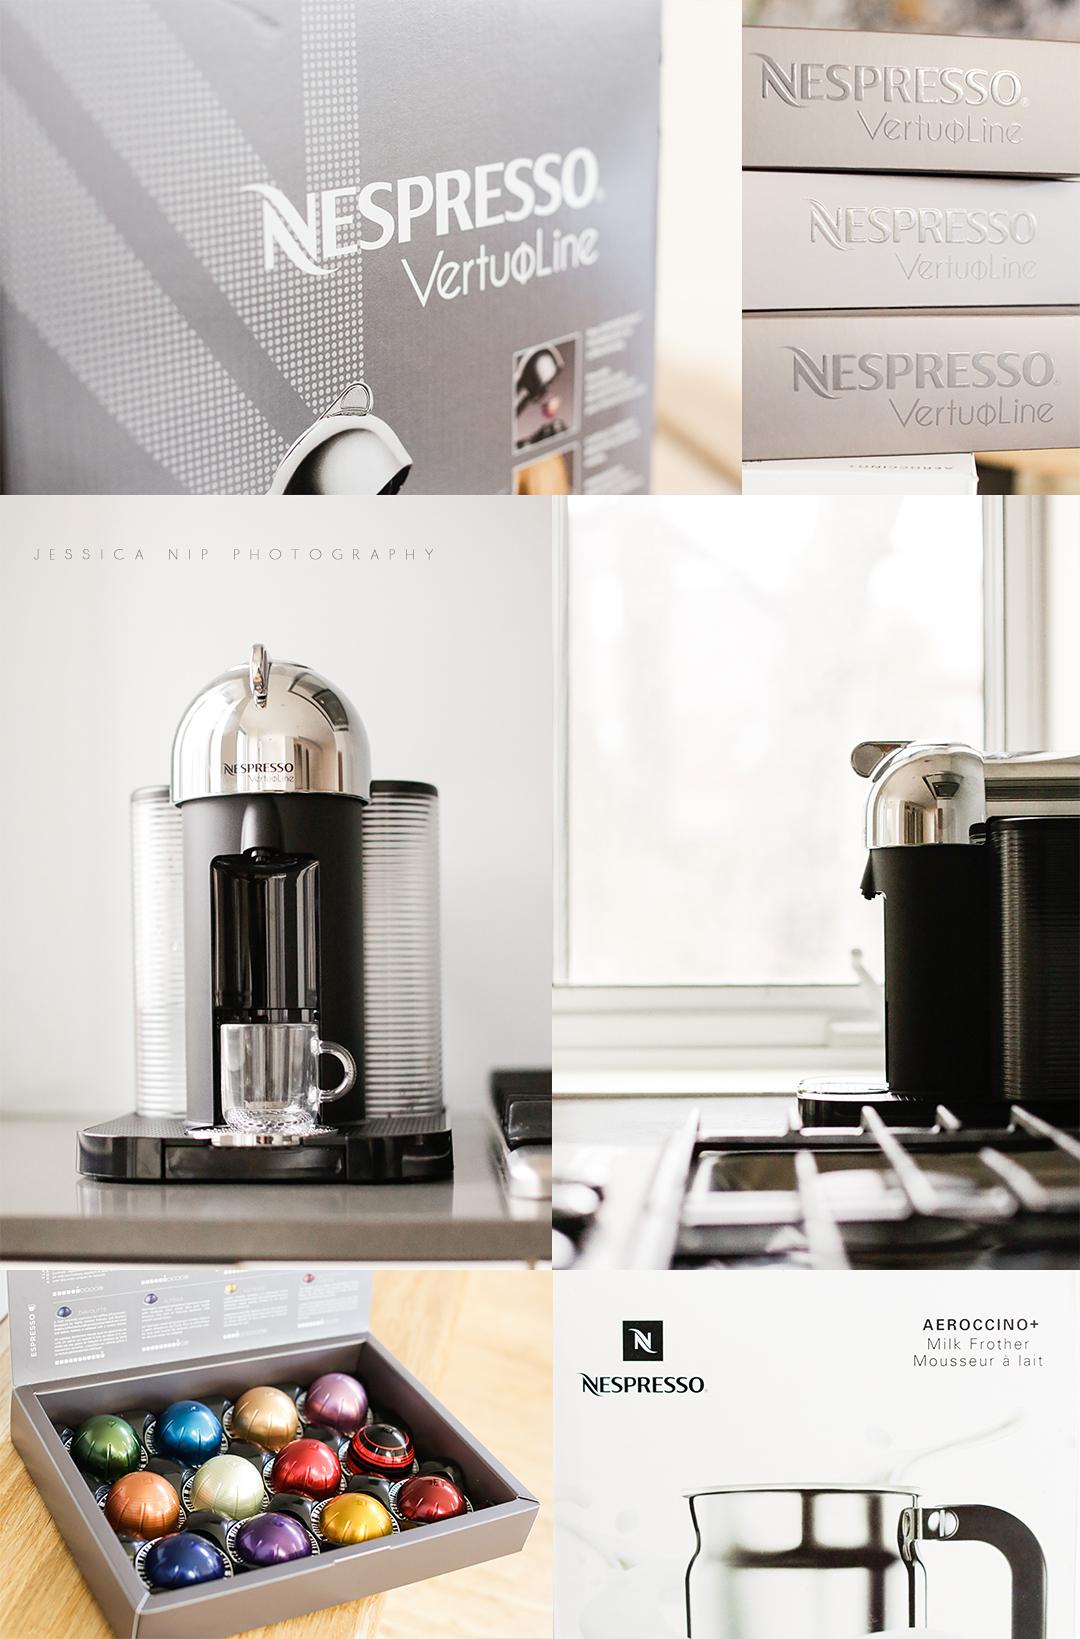 my nespresso machine leaks